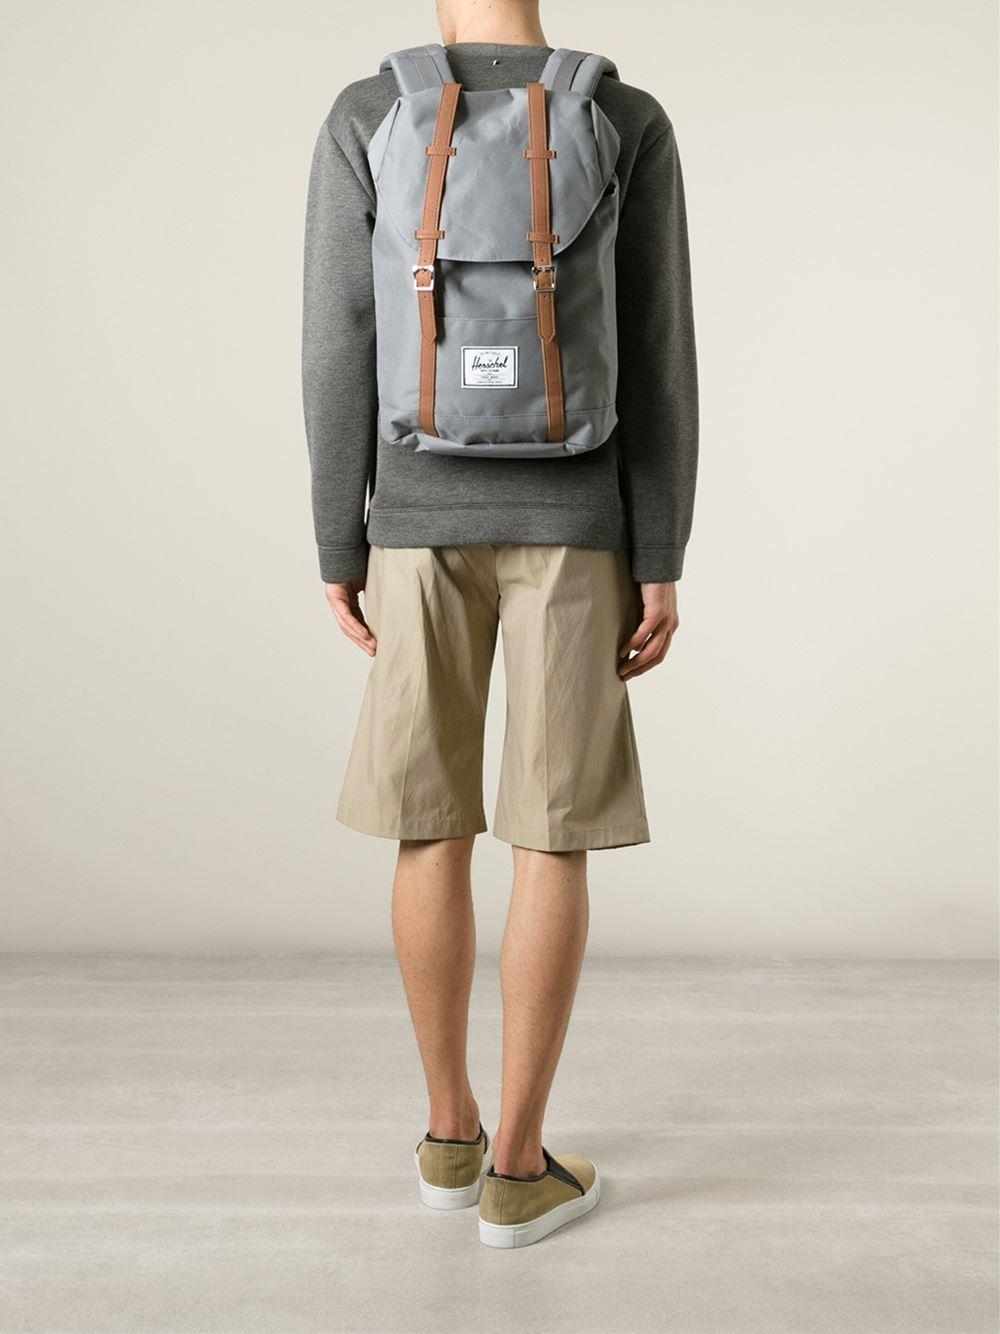 herschel-supply-co-grey-retreat-backpack-gray купить в украине